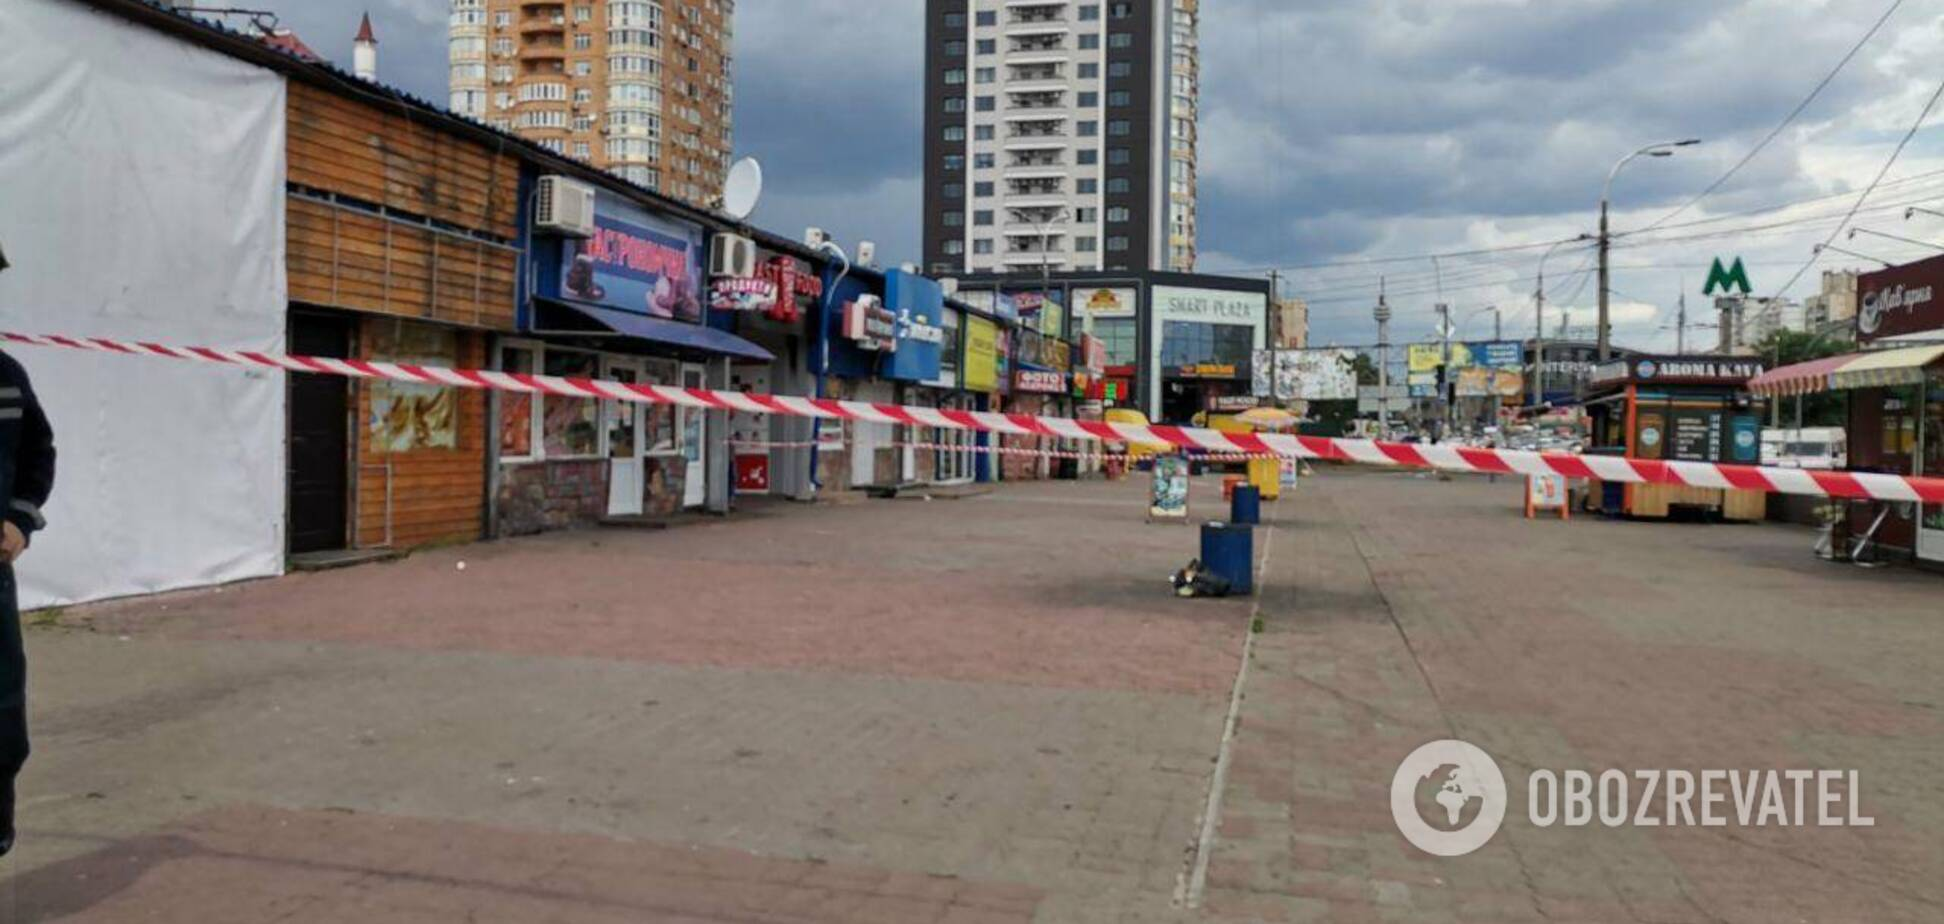 В Киеве произошел взрыв у станции метро 'Минская'